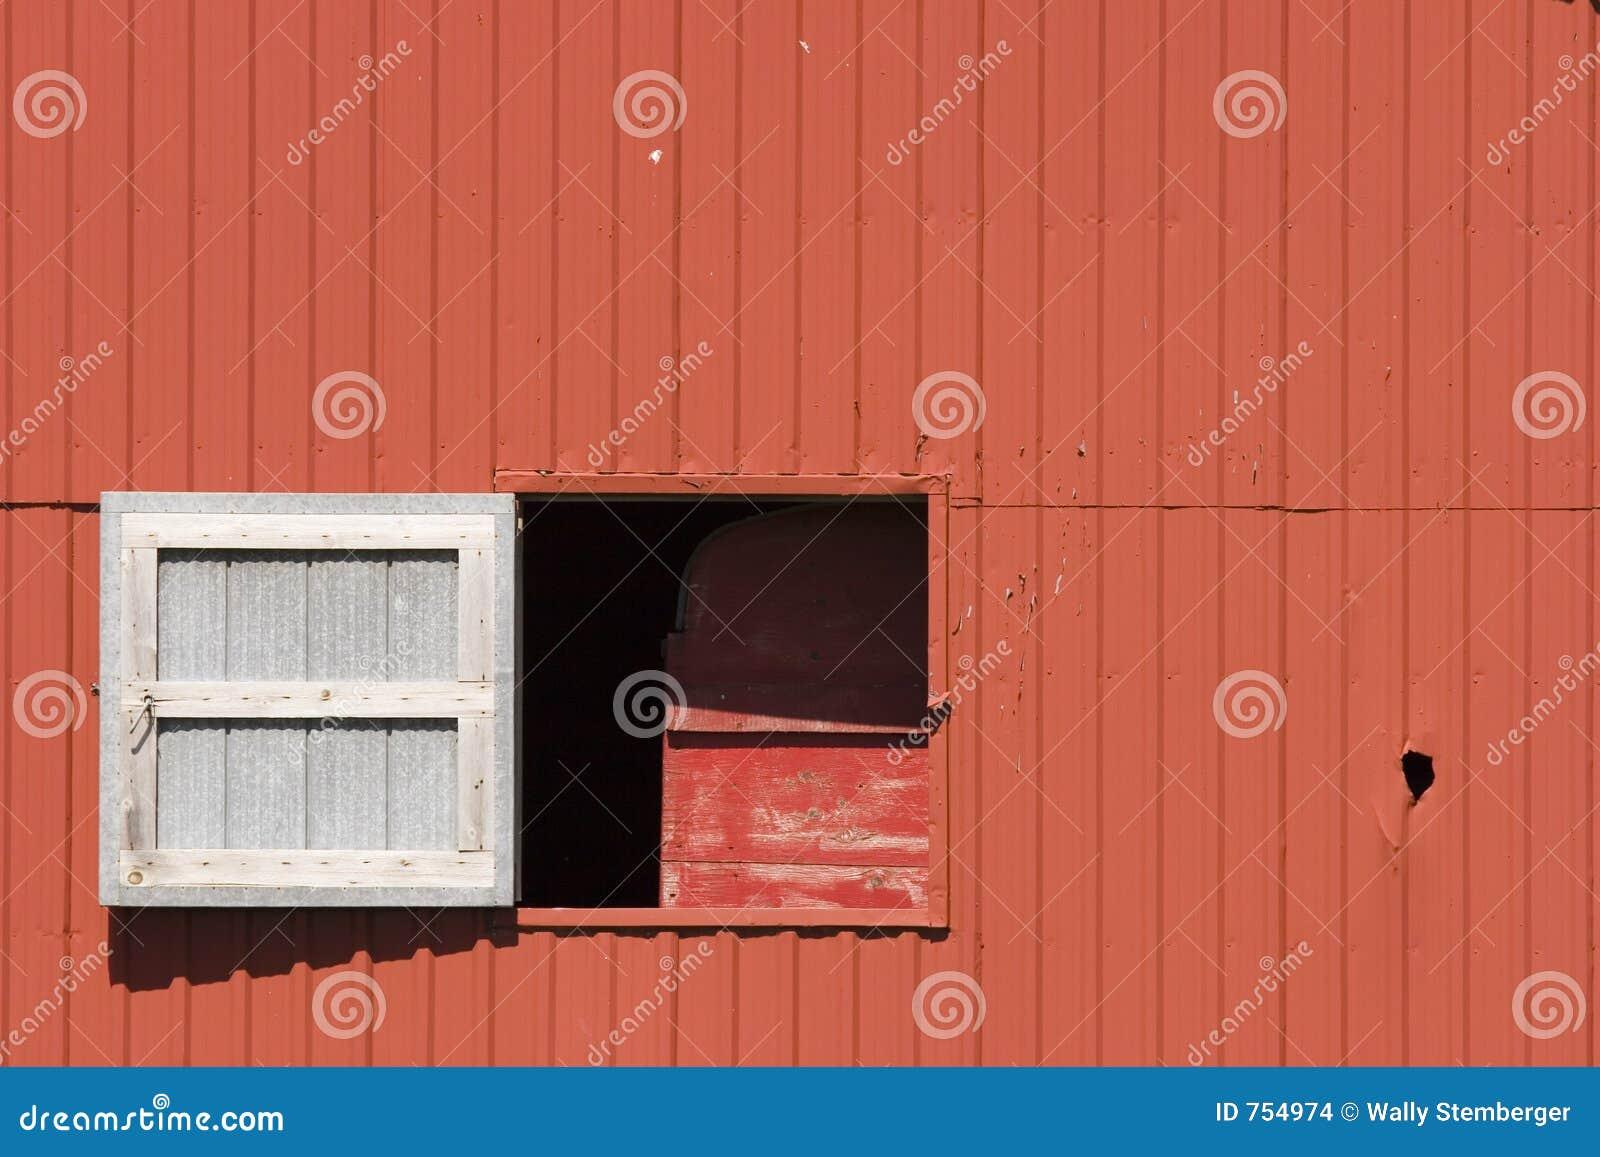 swing window on barn stock images image 754974